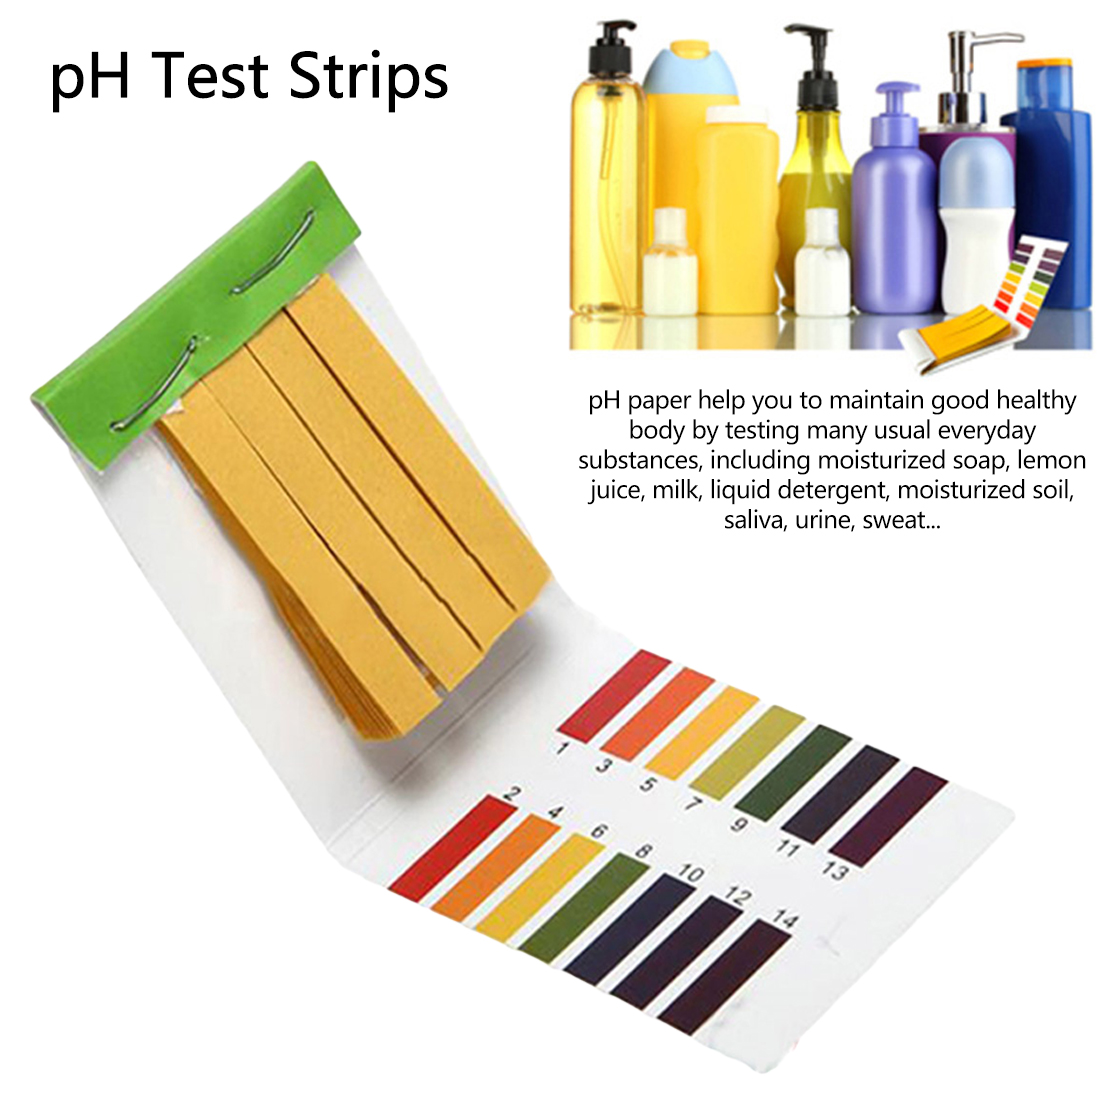 A escala completa 1-14 80 do papel do teste do ph do agregado familiar tira o verificador do ph das tiras para o teste do ph do solo do jardim